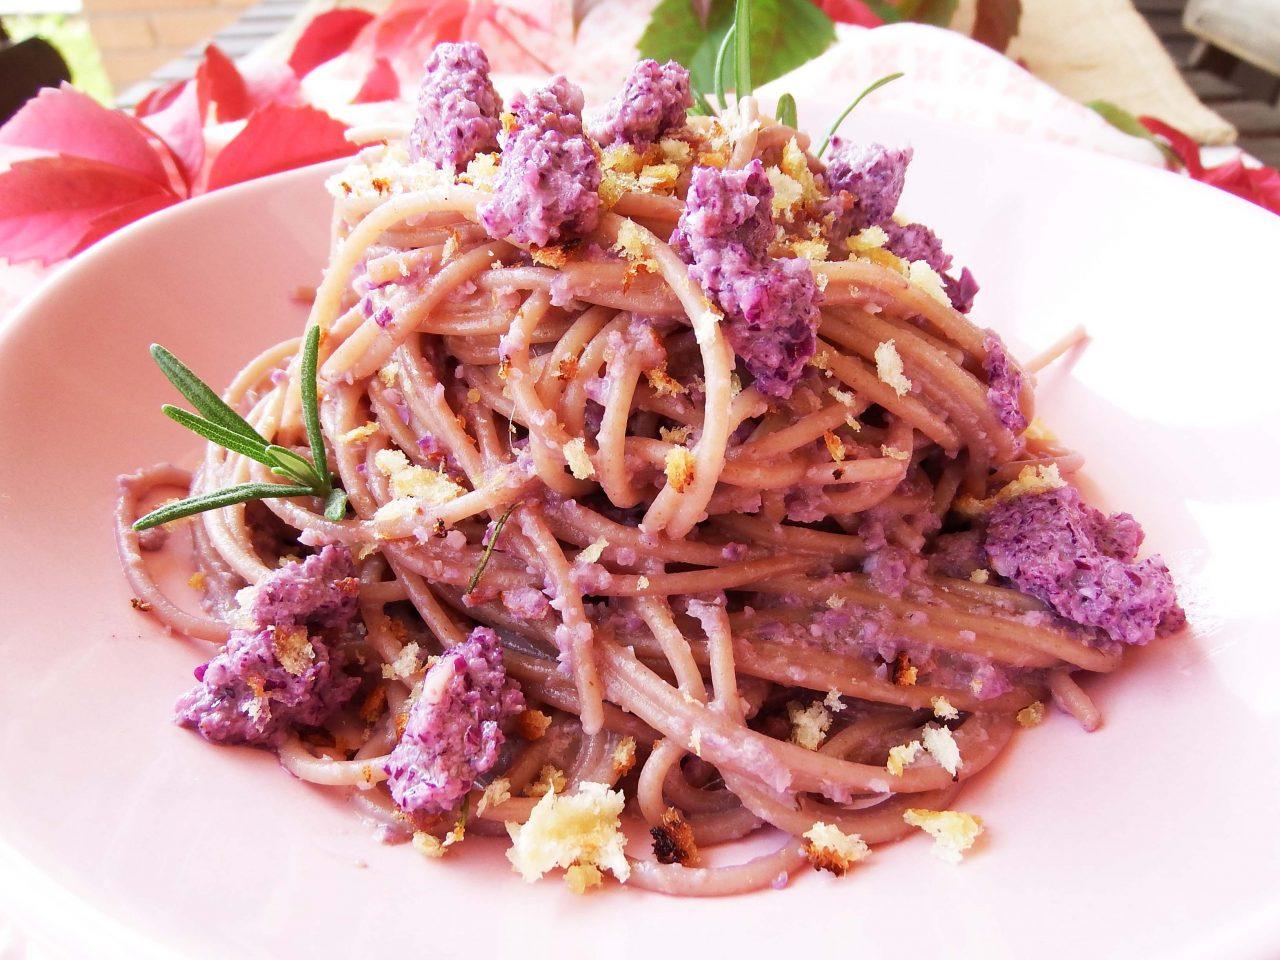 Spaghetti integrali con pesto di cavolo rosso e briciole croccanti al rosmarino